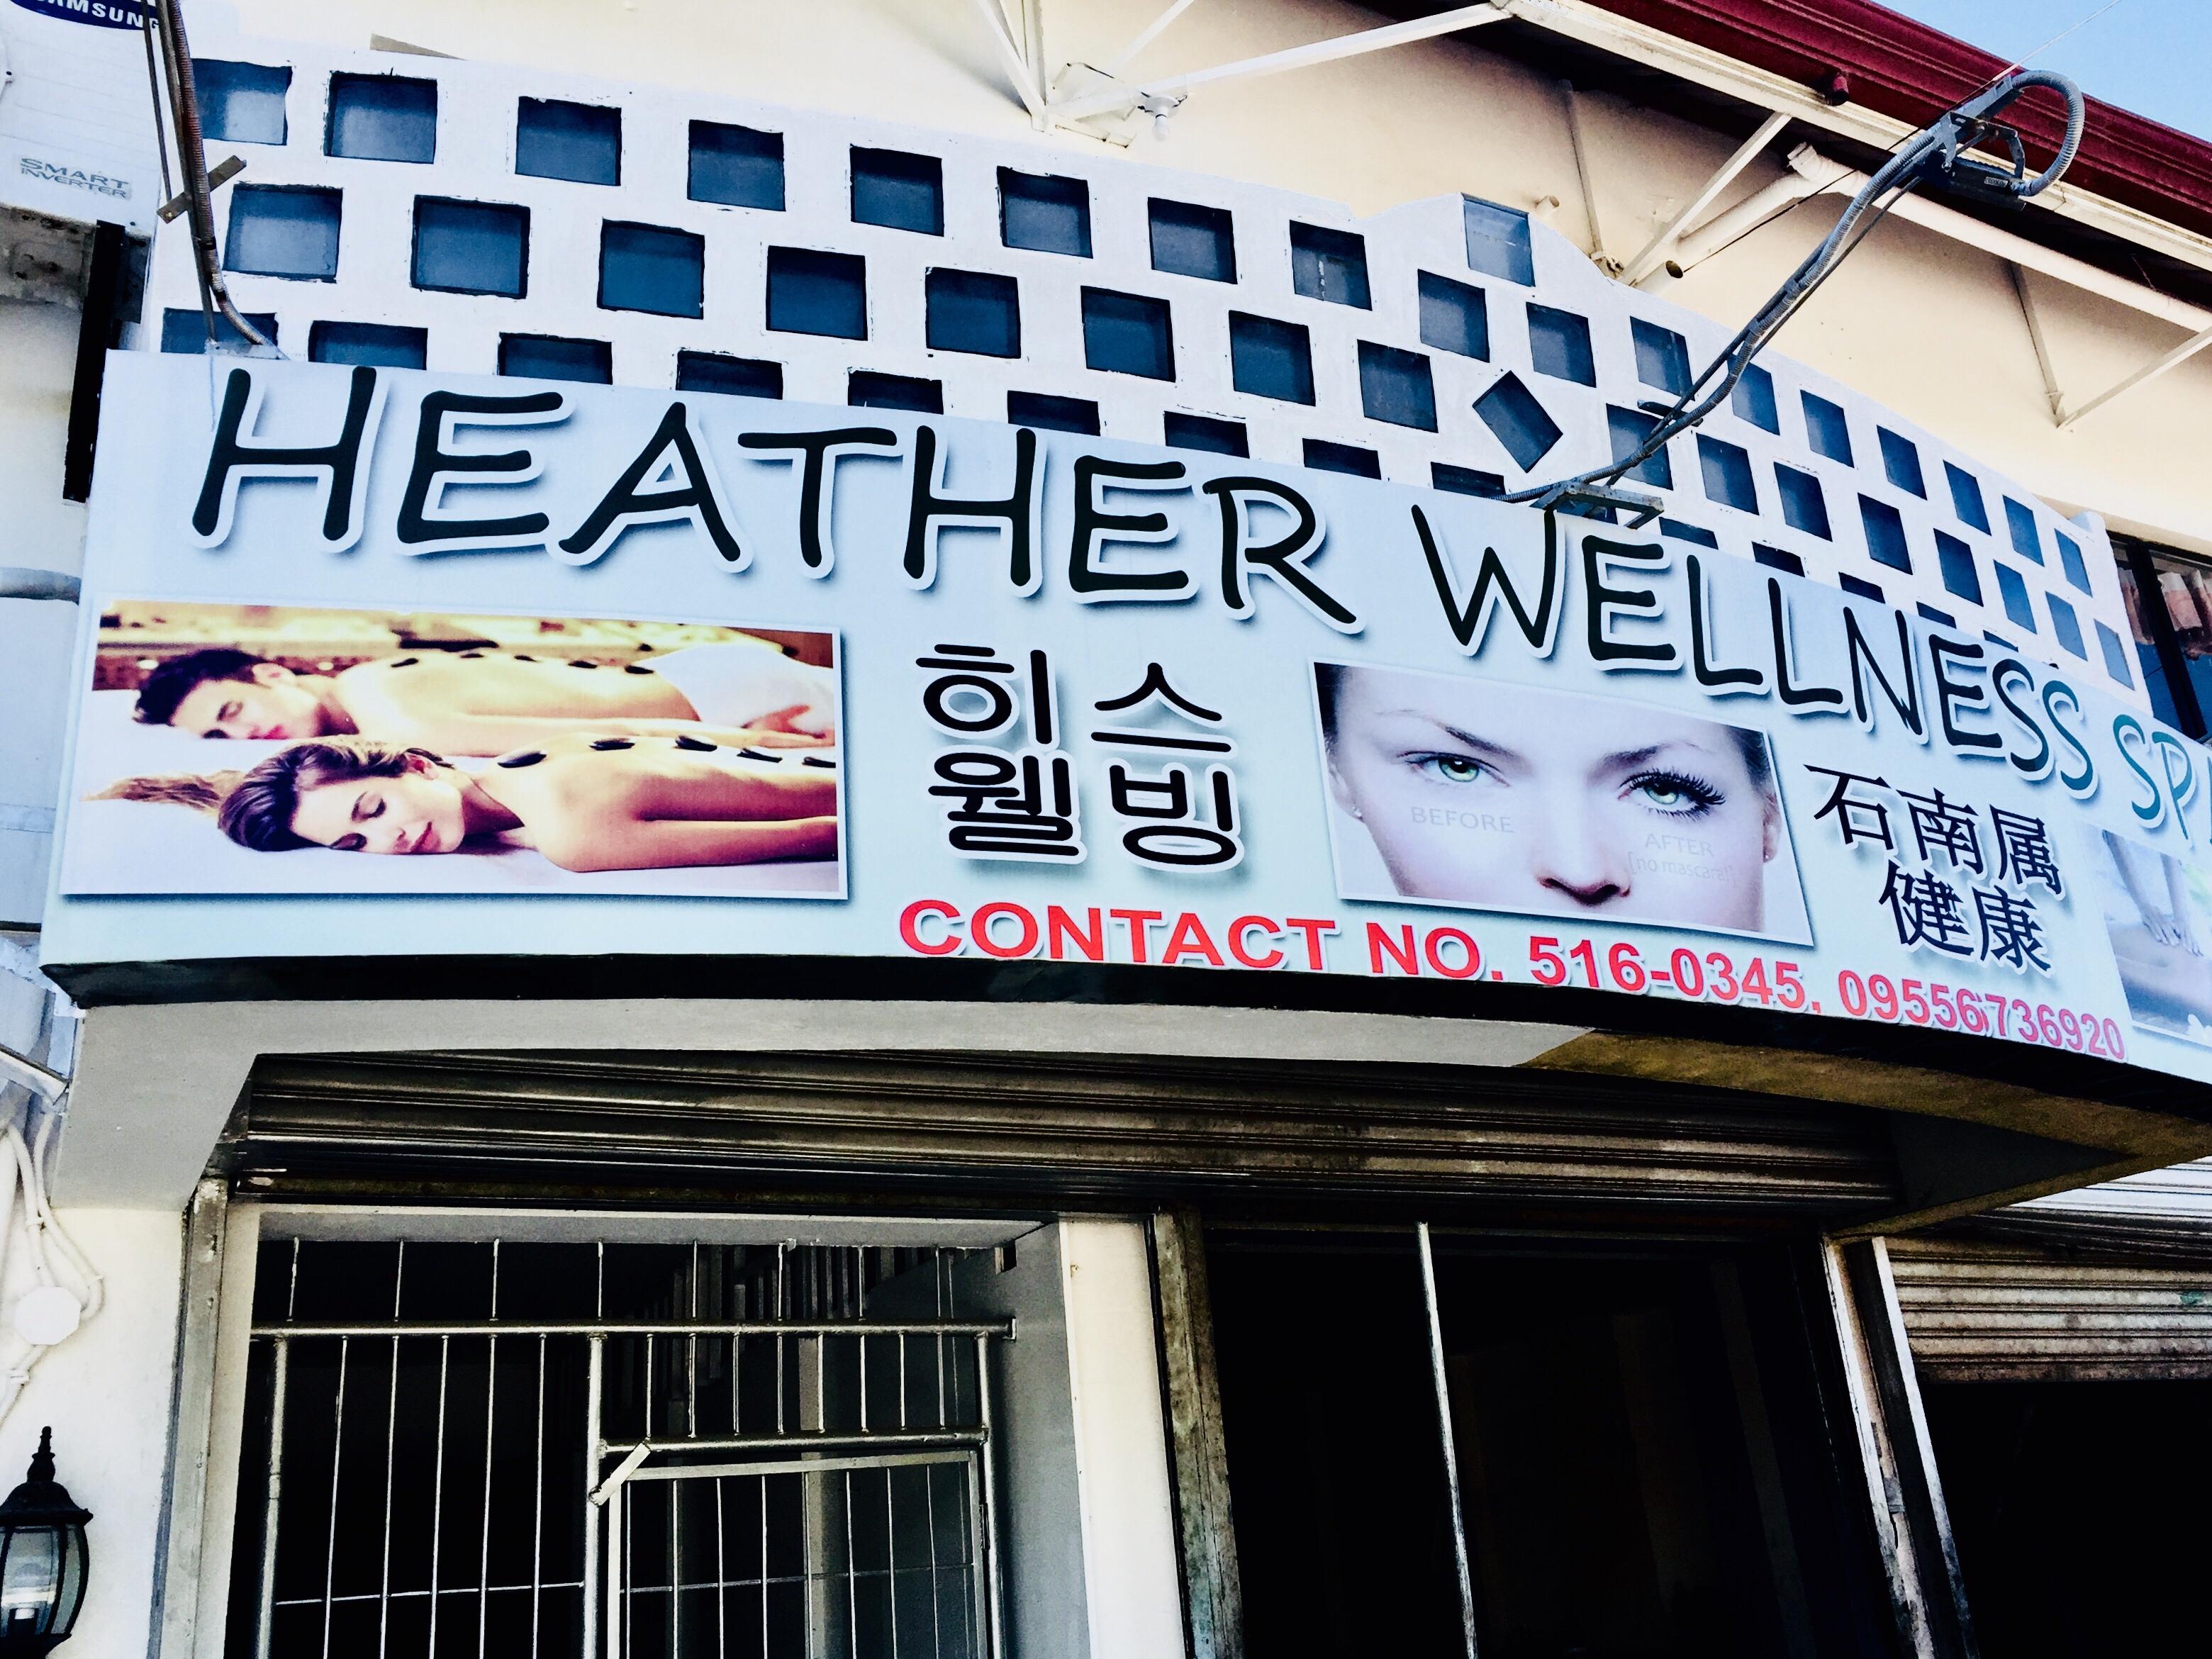 ヘザービューティーウェルネススパ/Heather Beauty Wellness Spa,セブ島